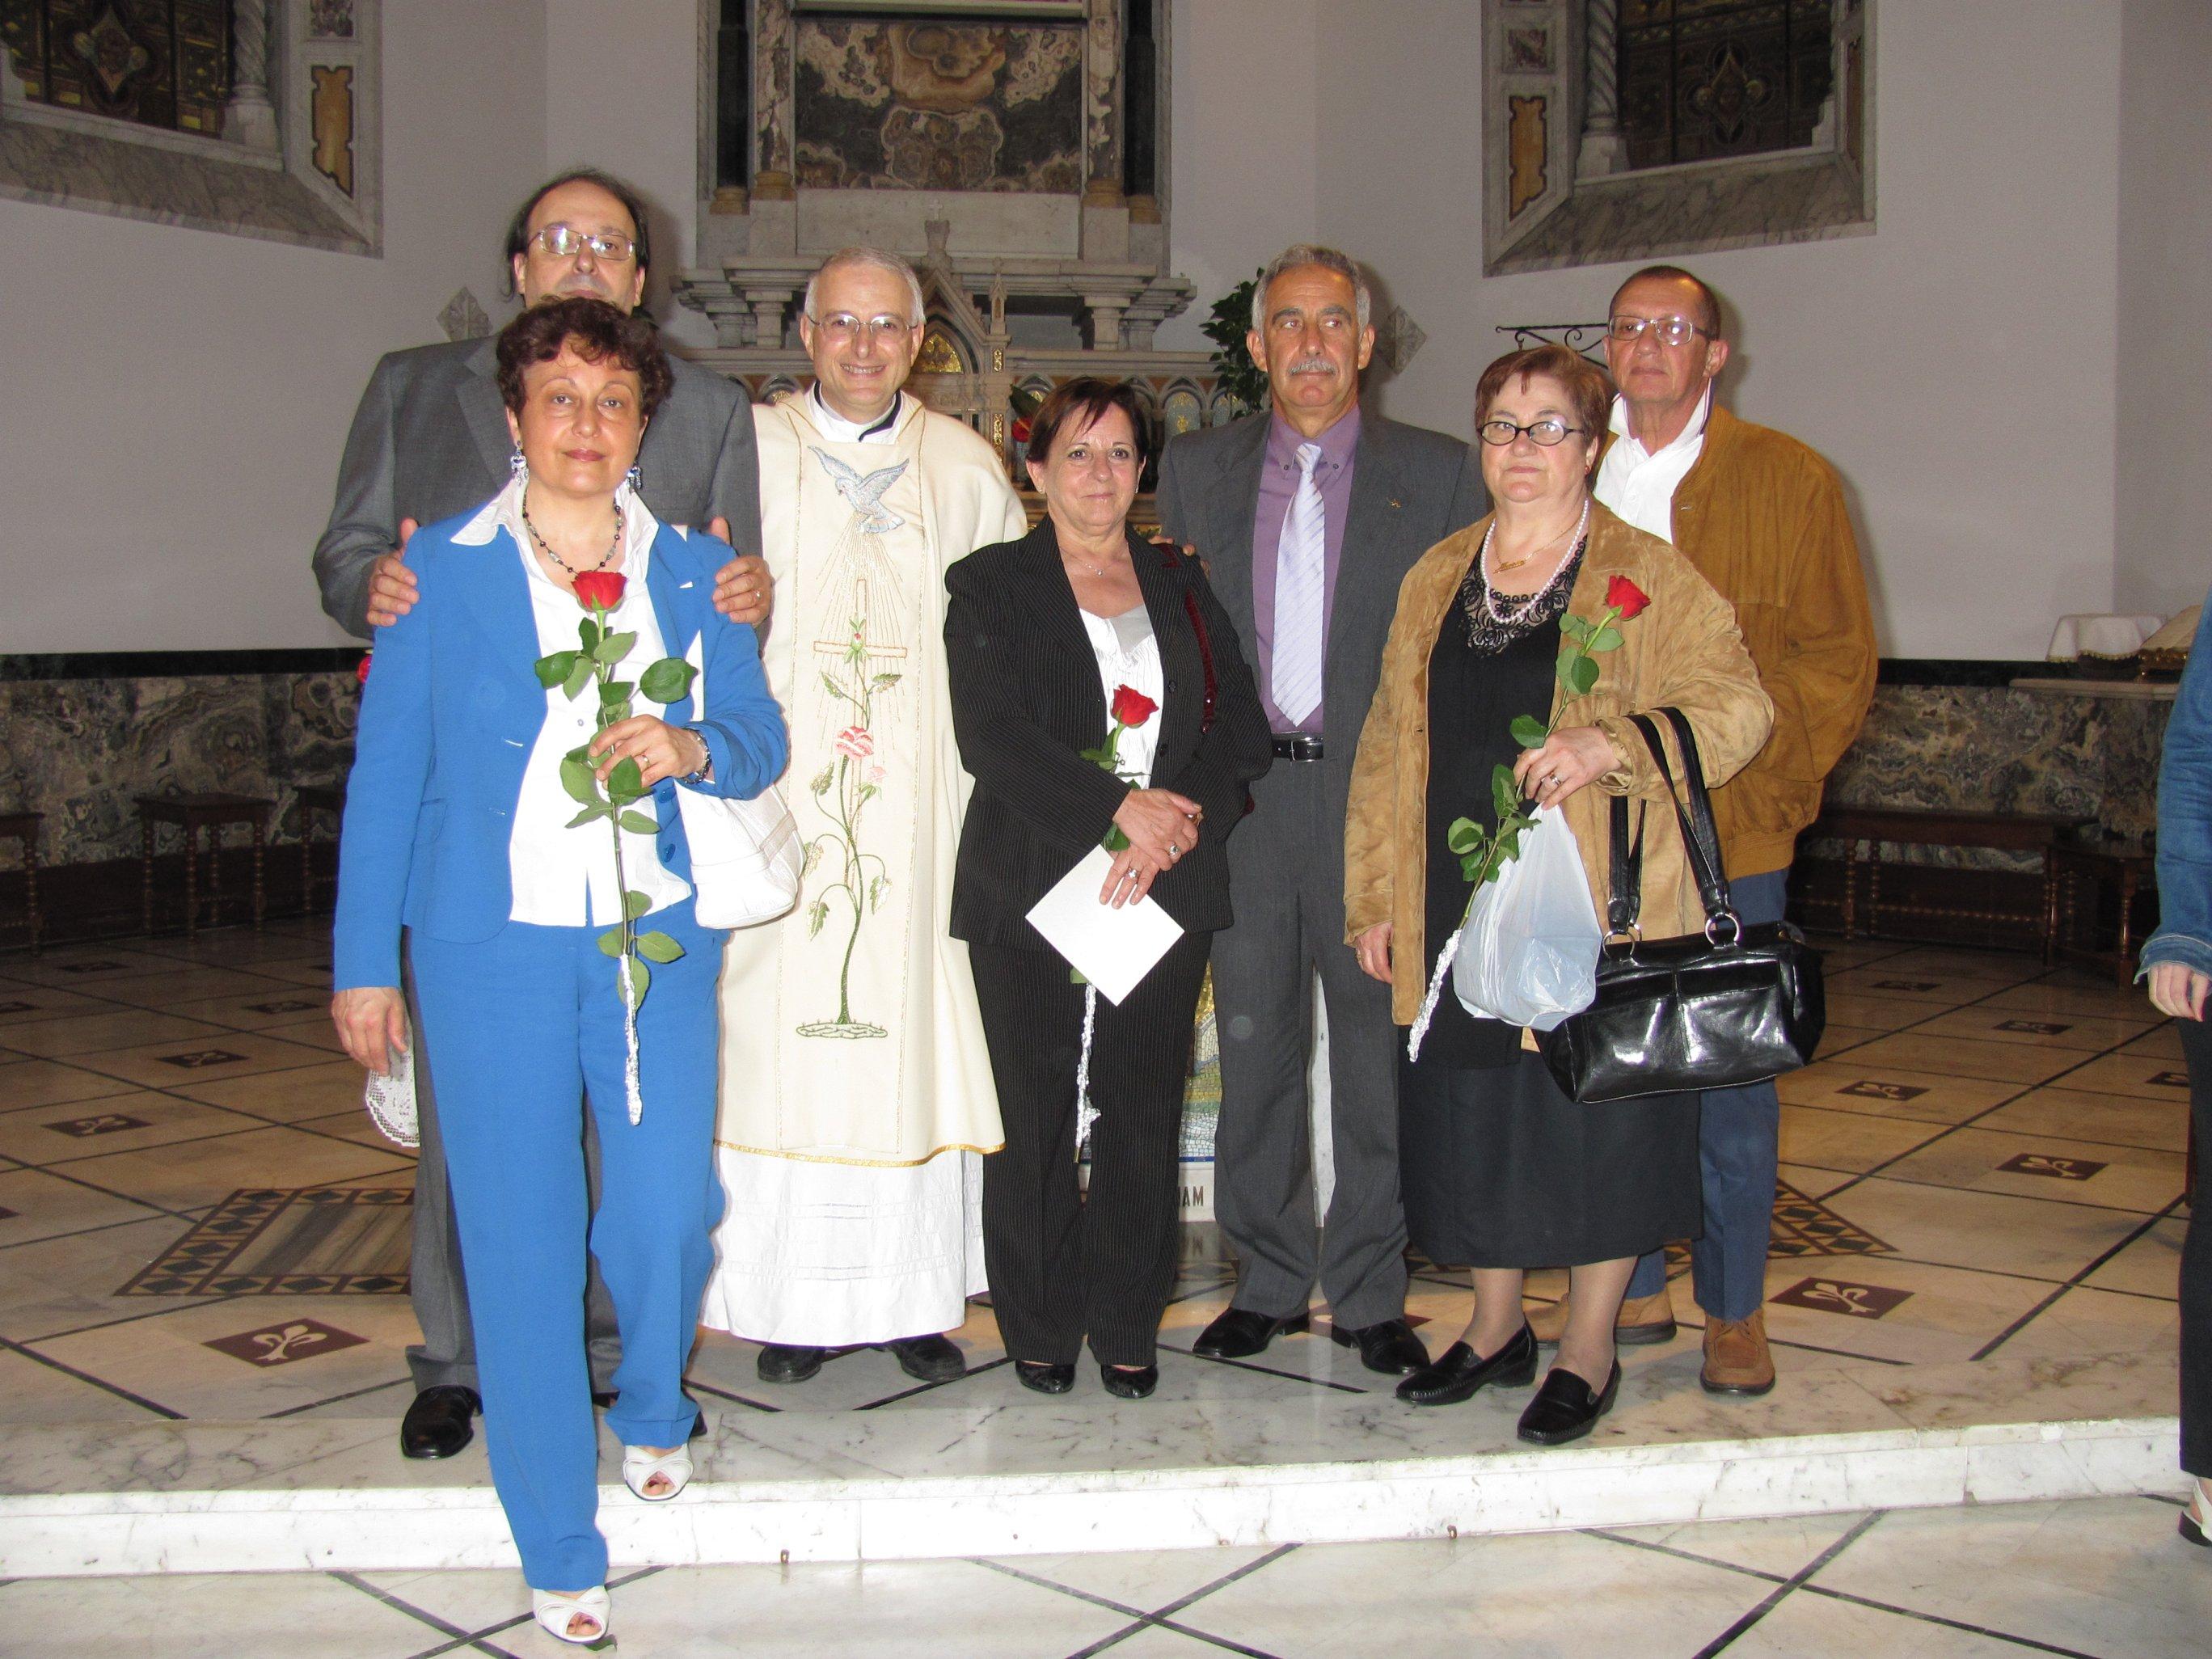 anniversari_di_matrimonio_e_di_ordinazione_2012-06-03-11-24-08